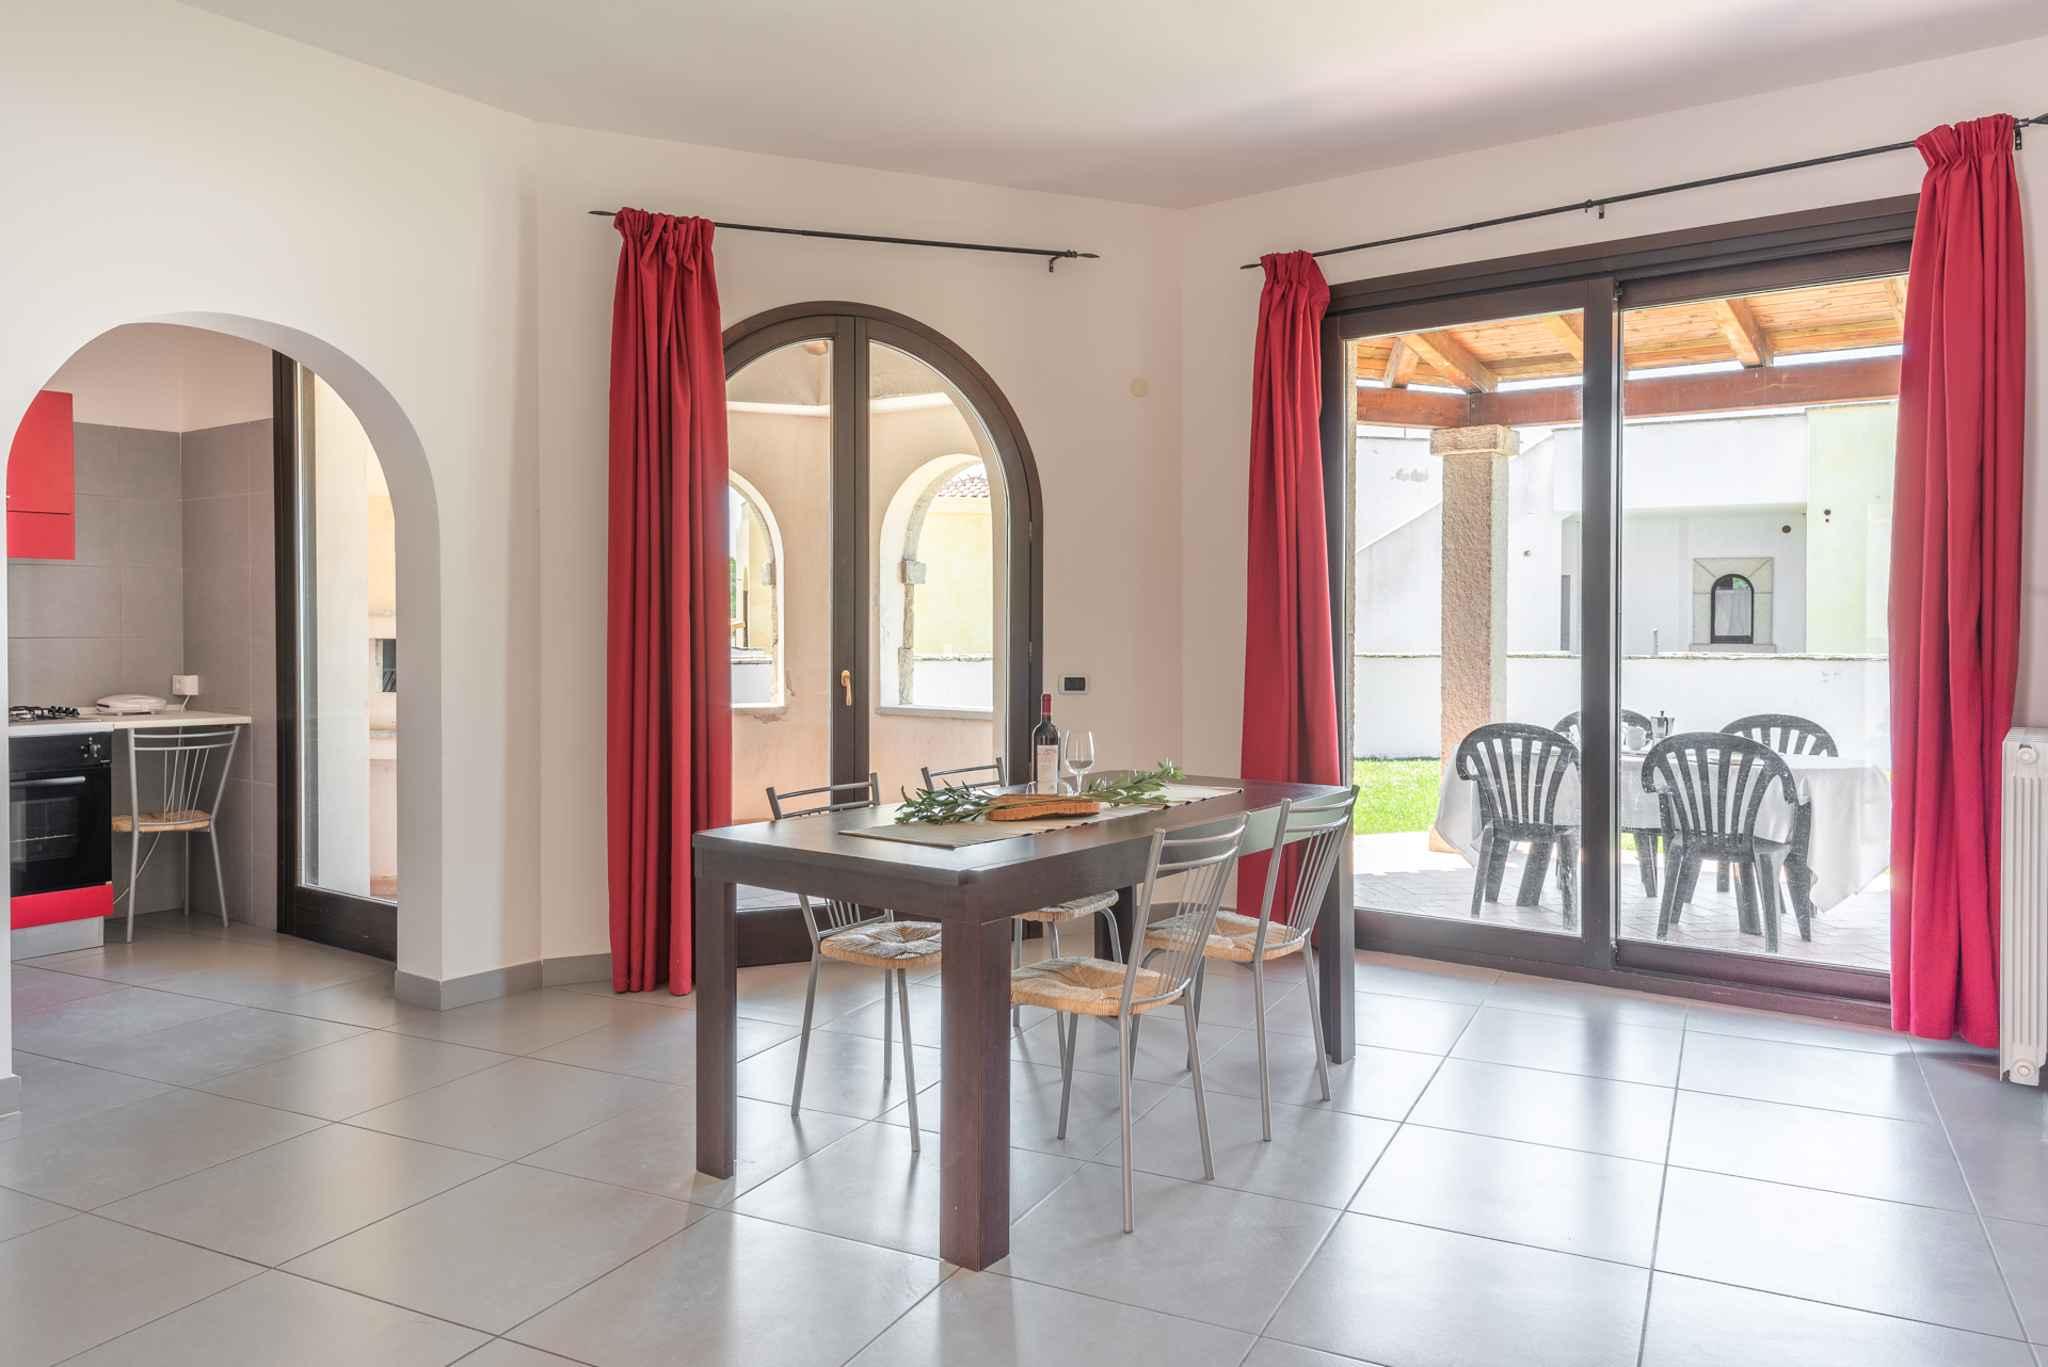 Ferienhaus mit KLimaanlage (2182423), Alghero, Sassari, Sardinien, Italien, Bild 13